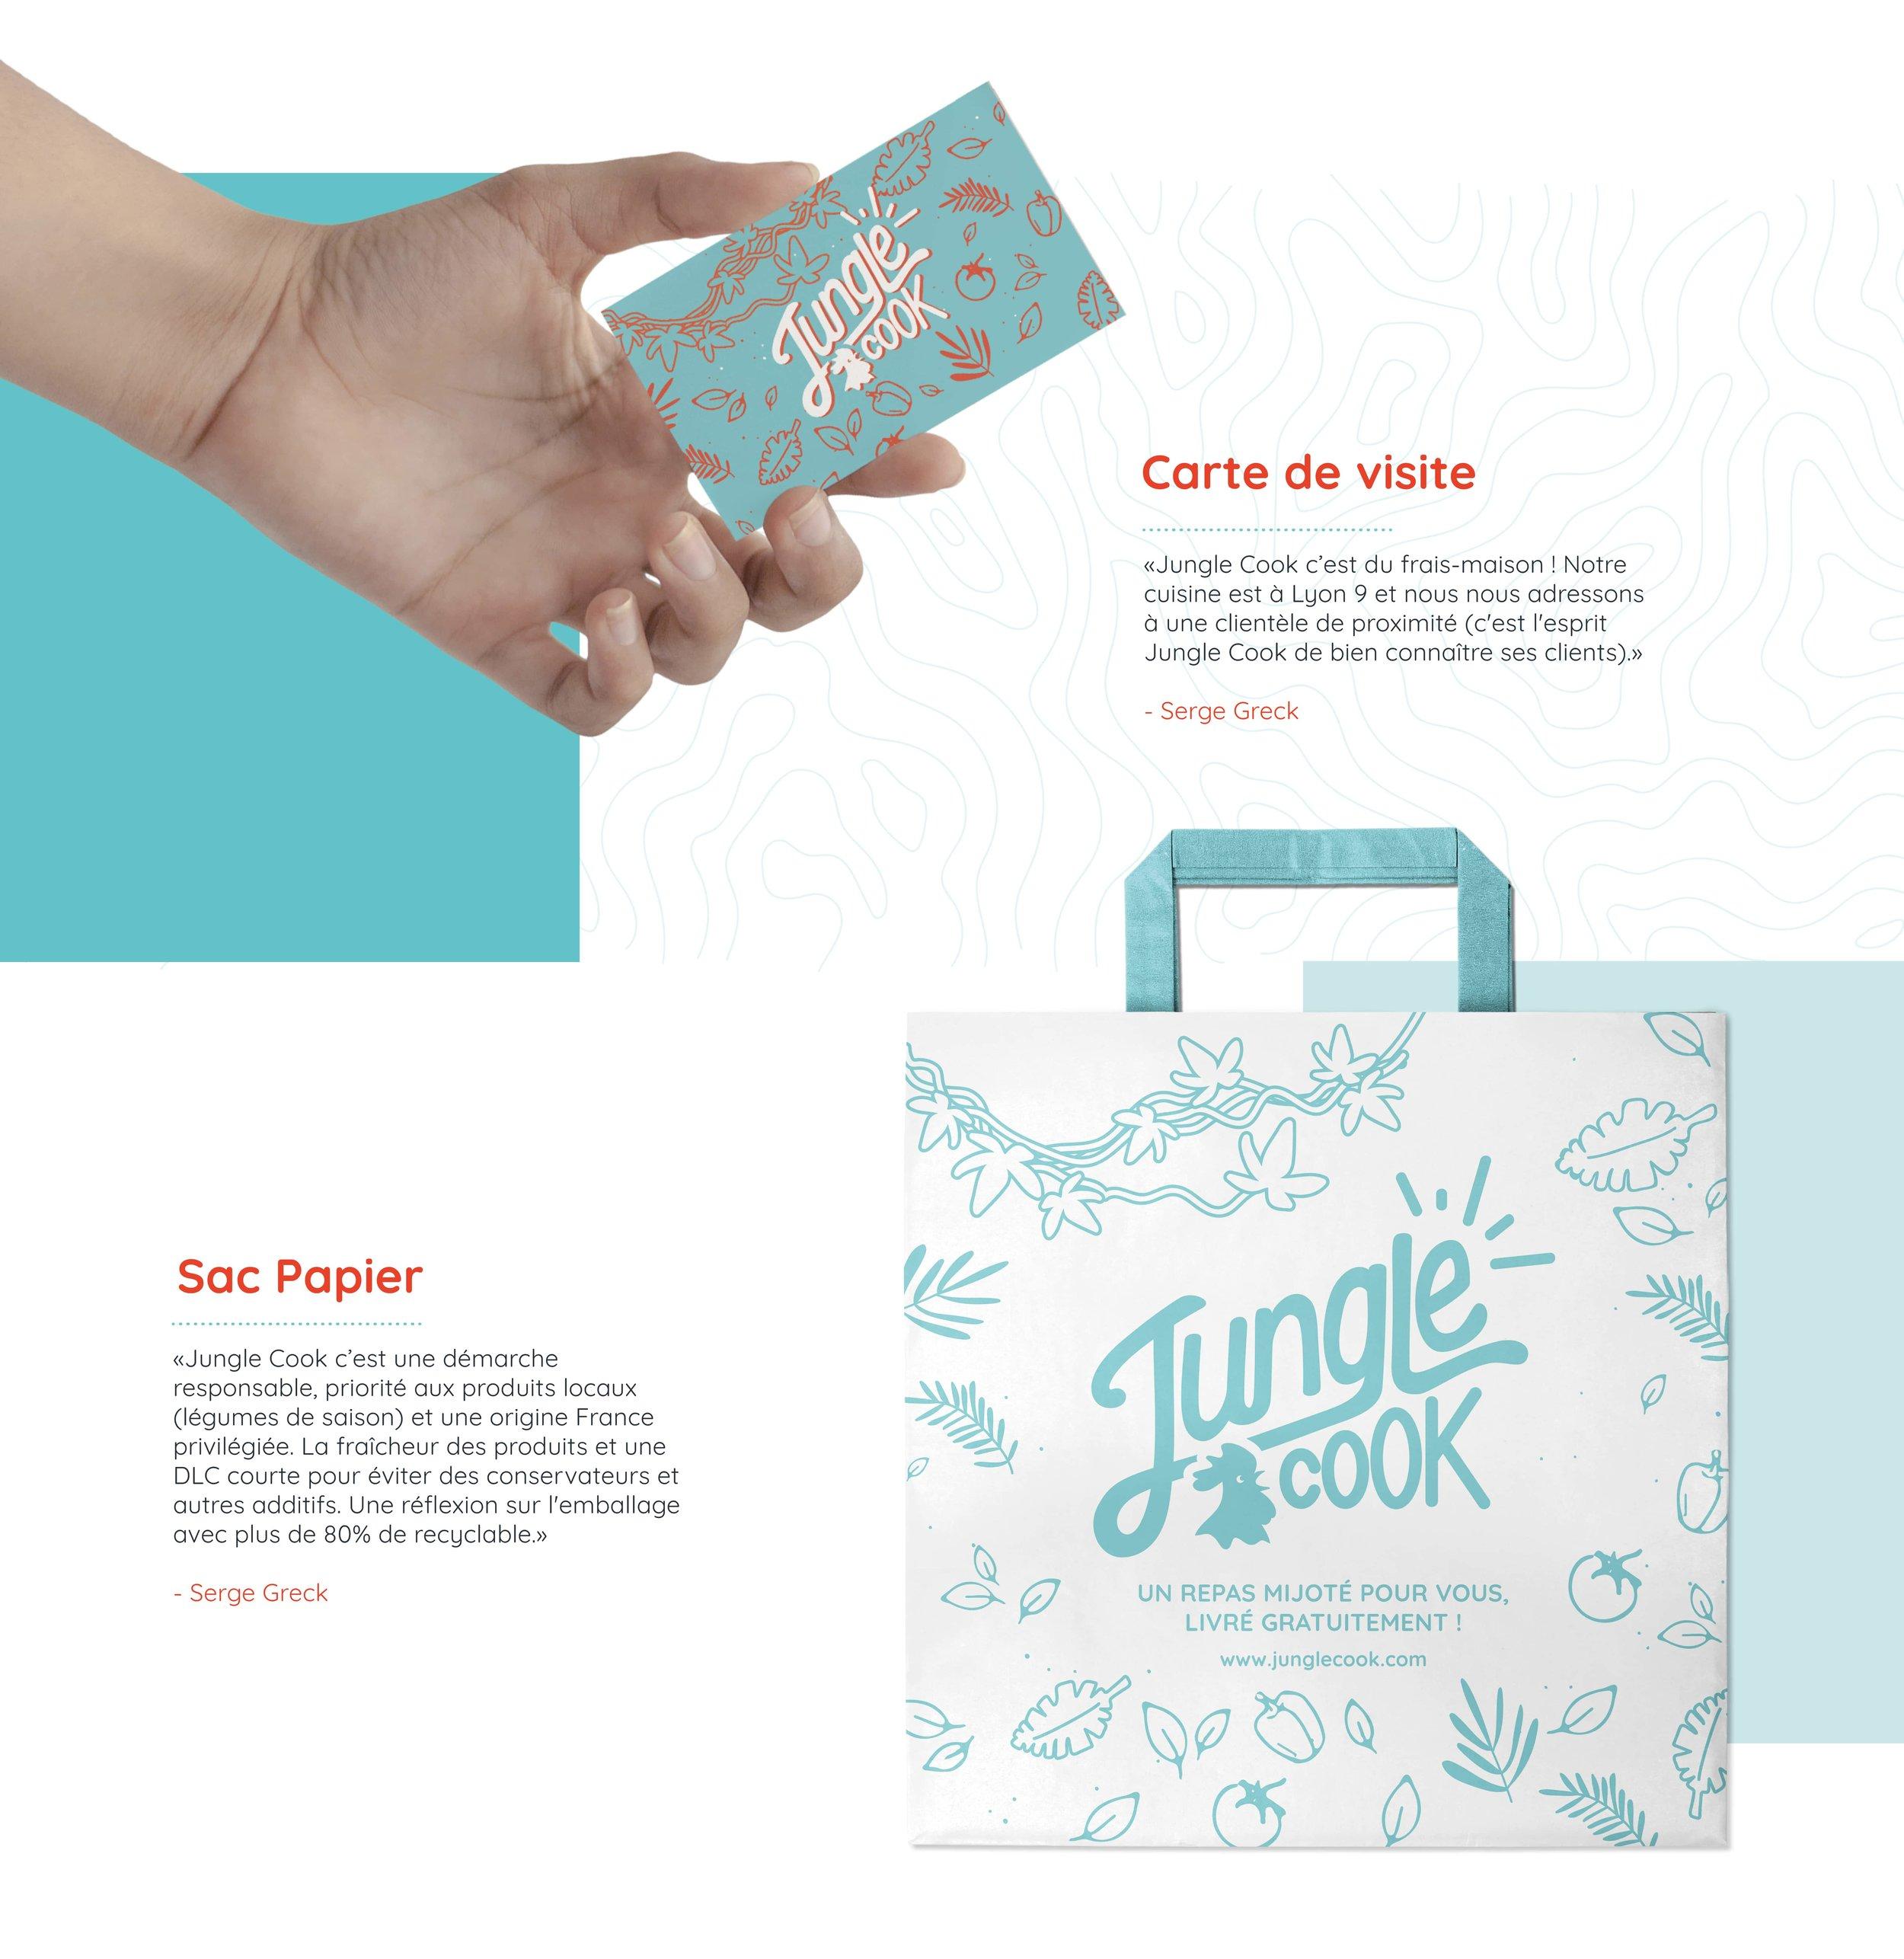 jungle_cook_4-cartedevisite_proximite_lyon_sac_papierrecycle_produit_locaux_frais.jpg